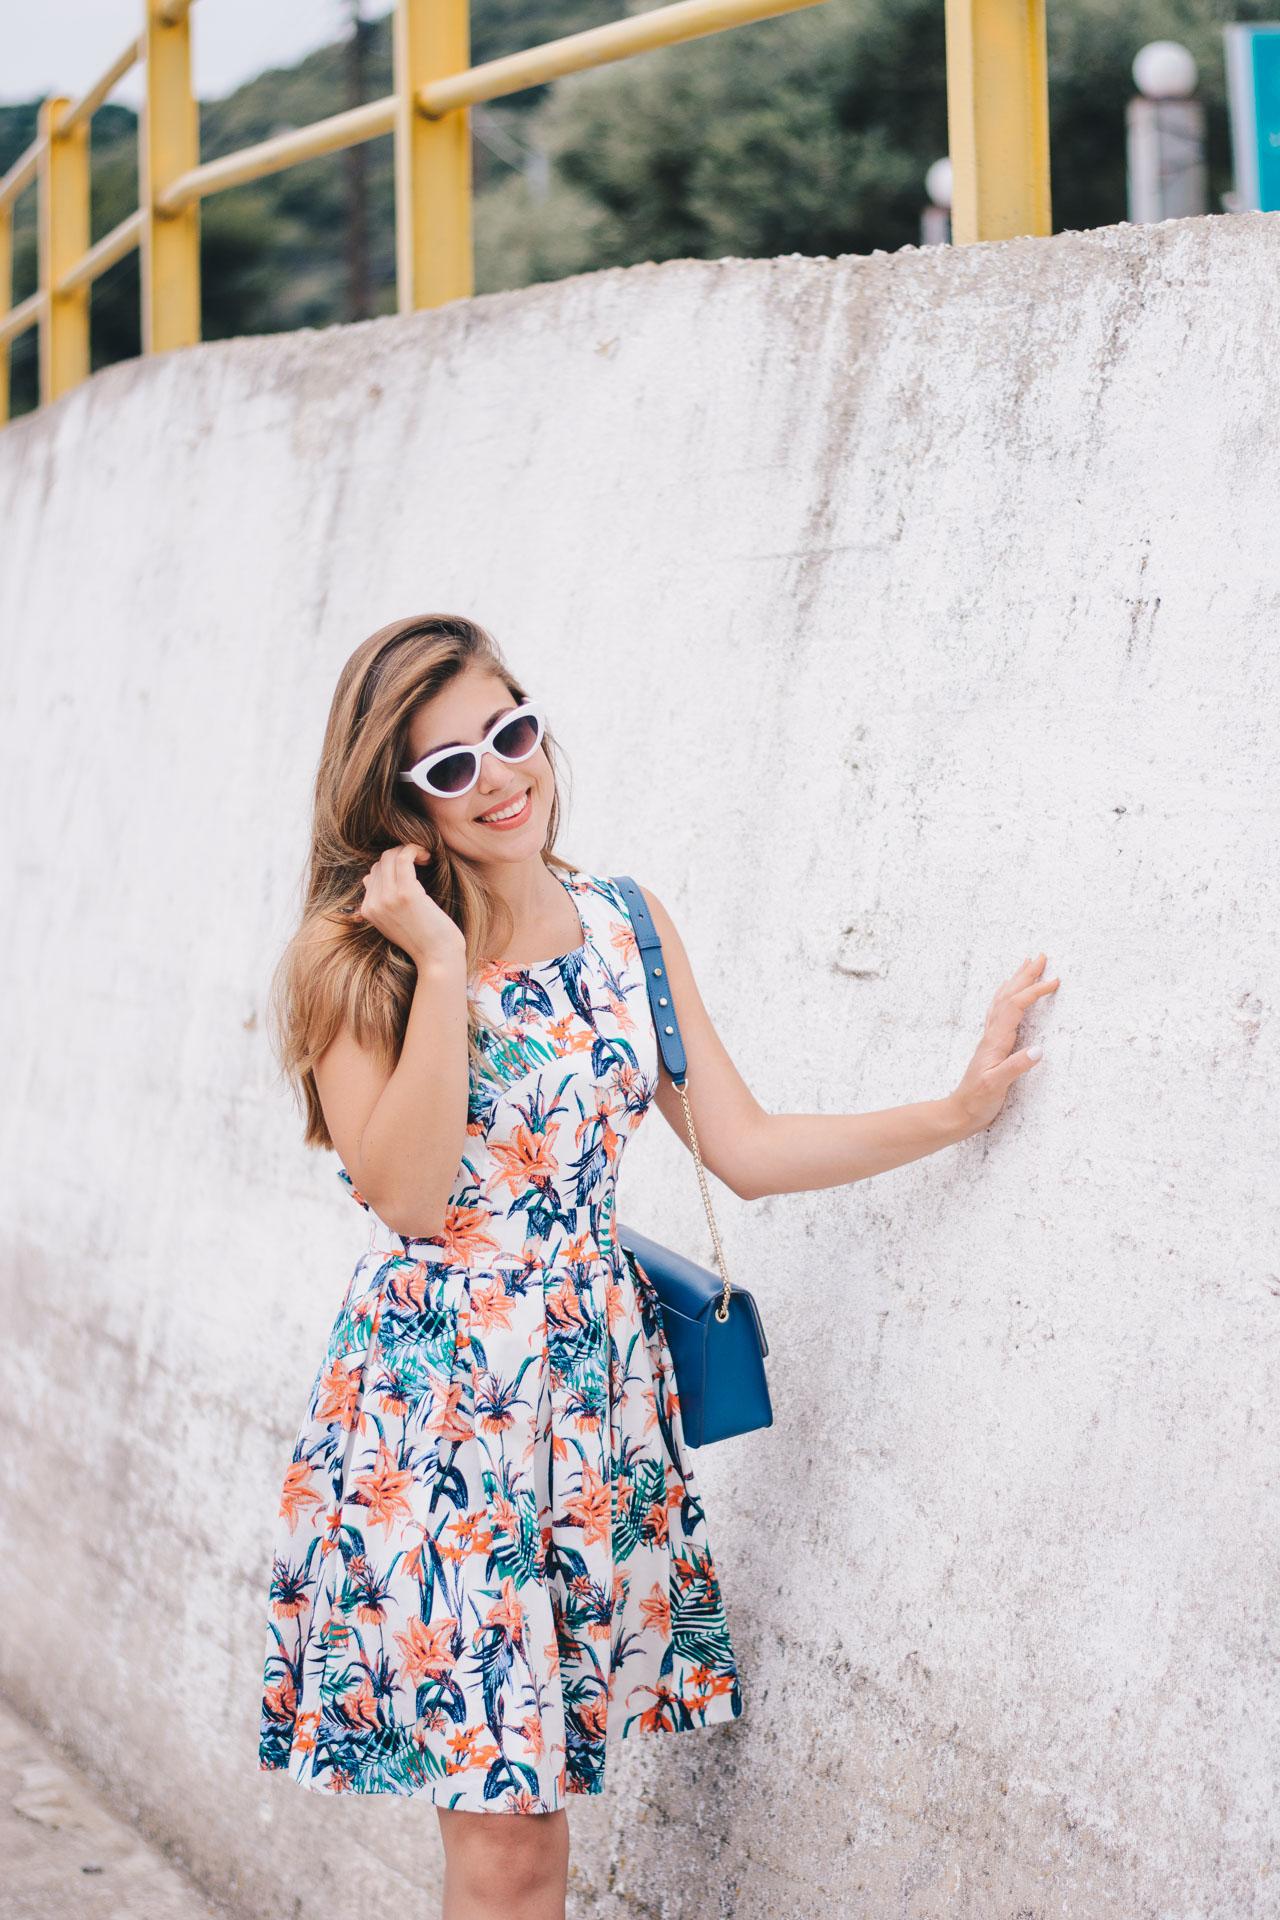 Tom Tailor floral dress blogger